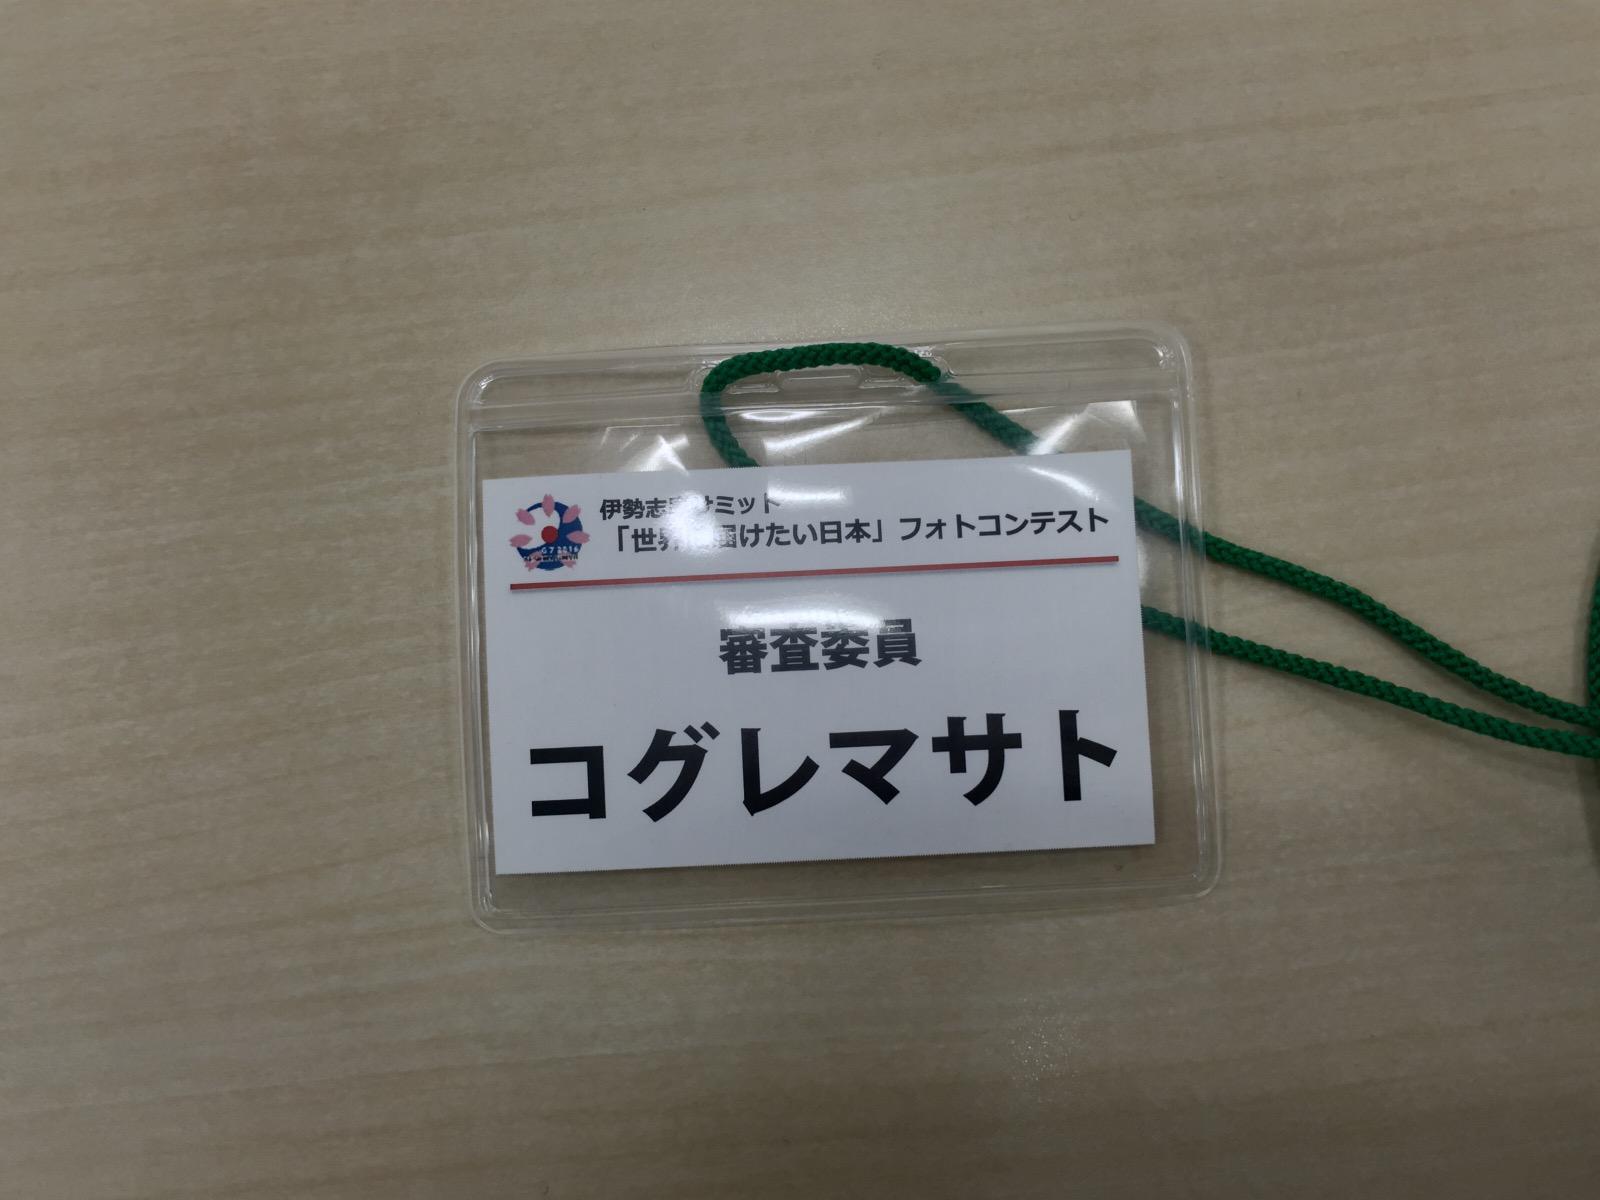 Ise shima summit photo contest 1666